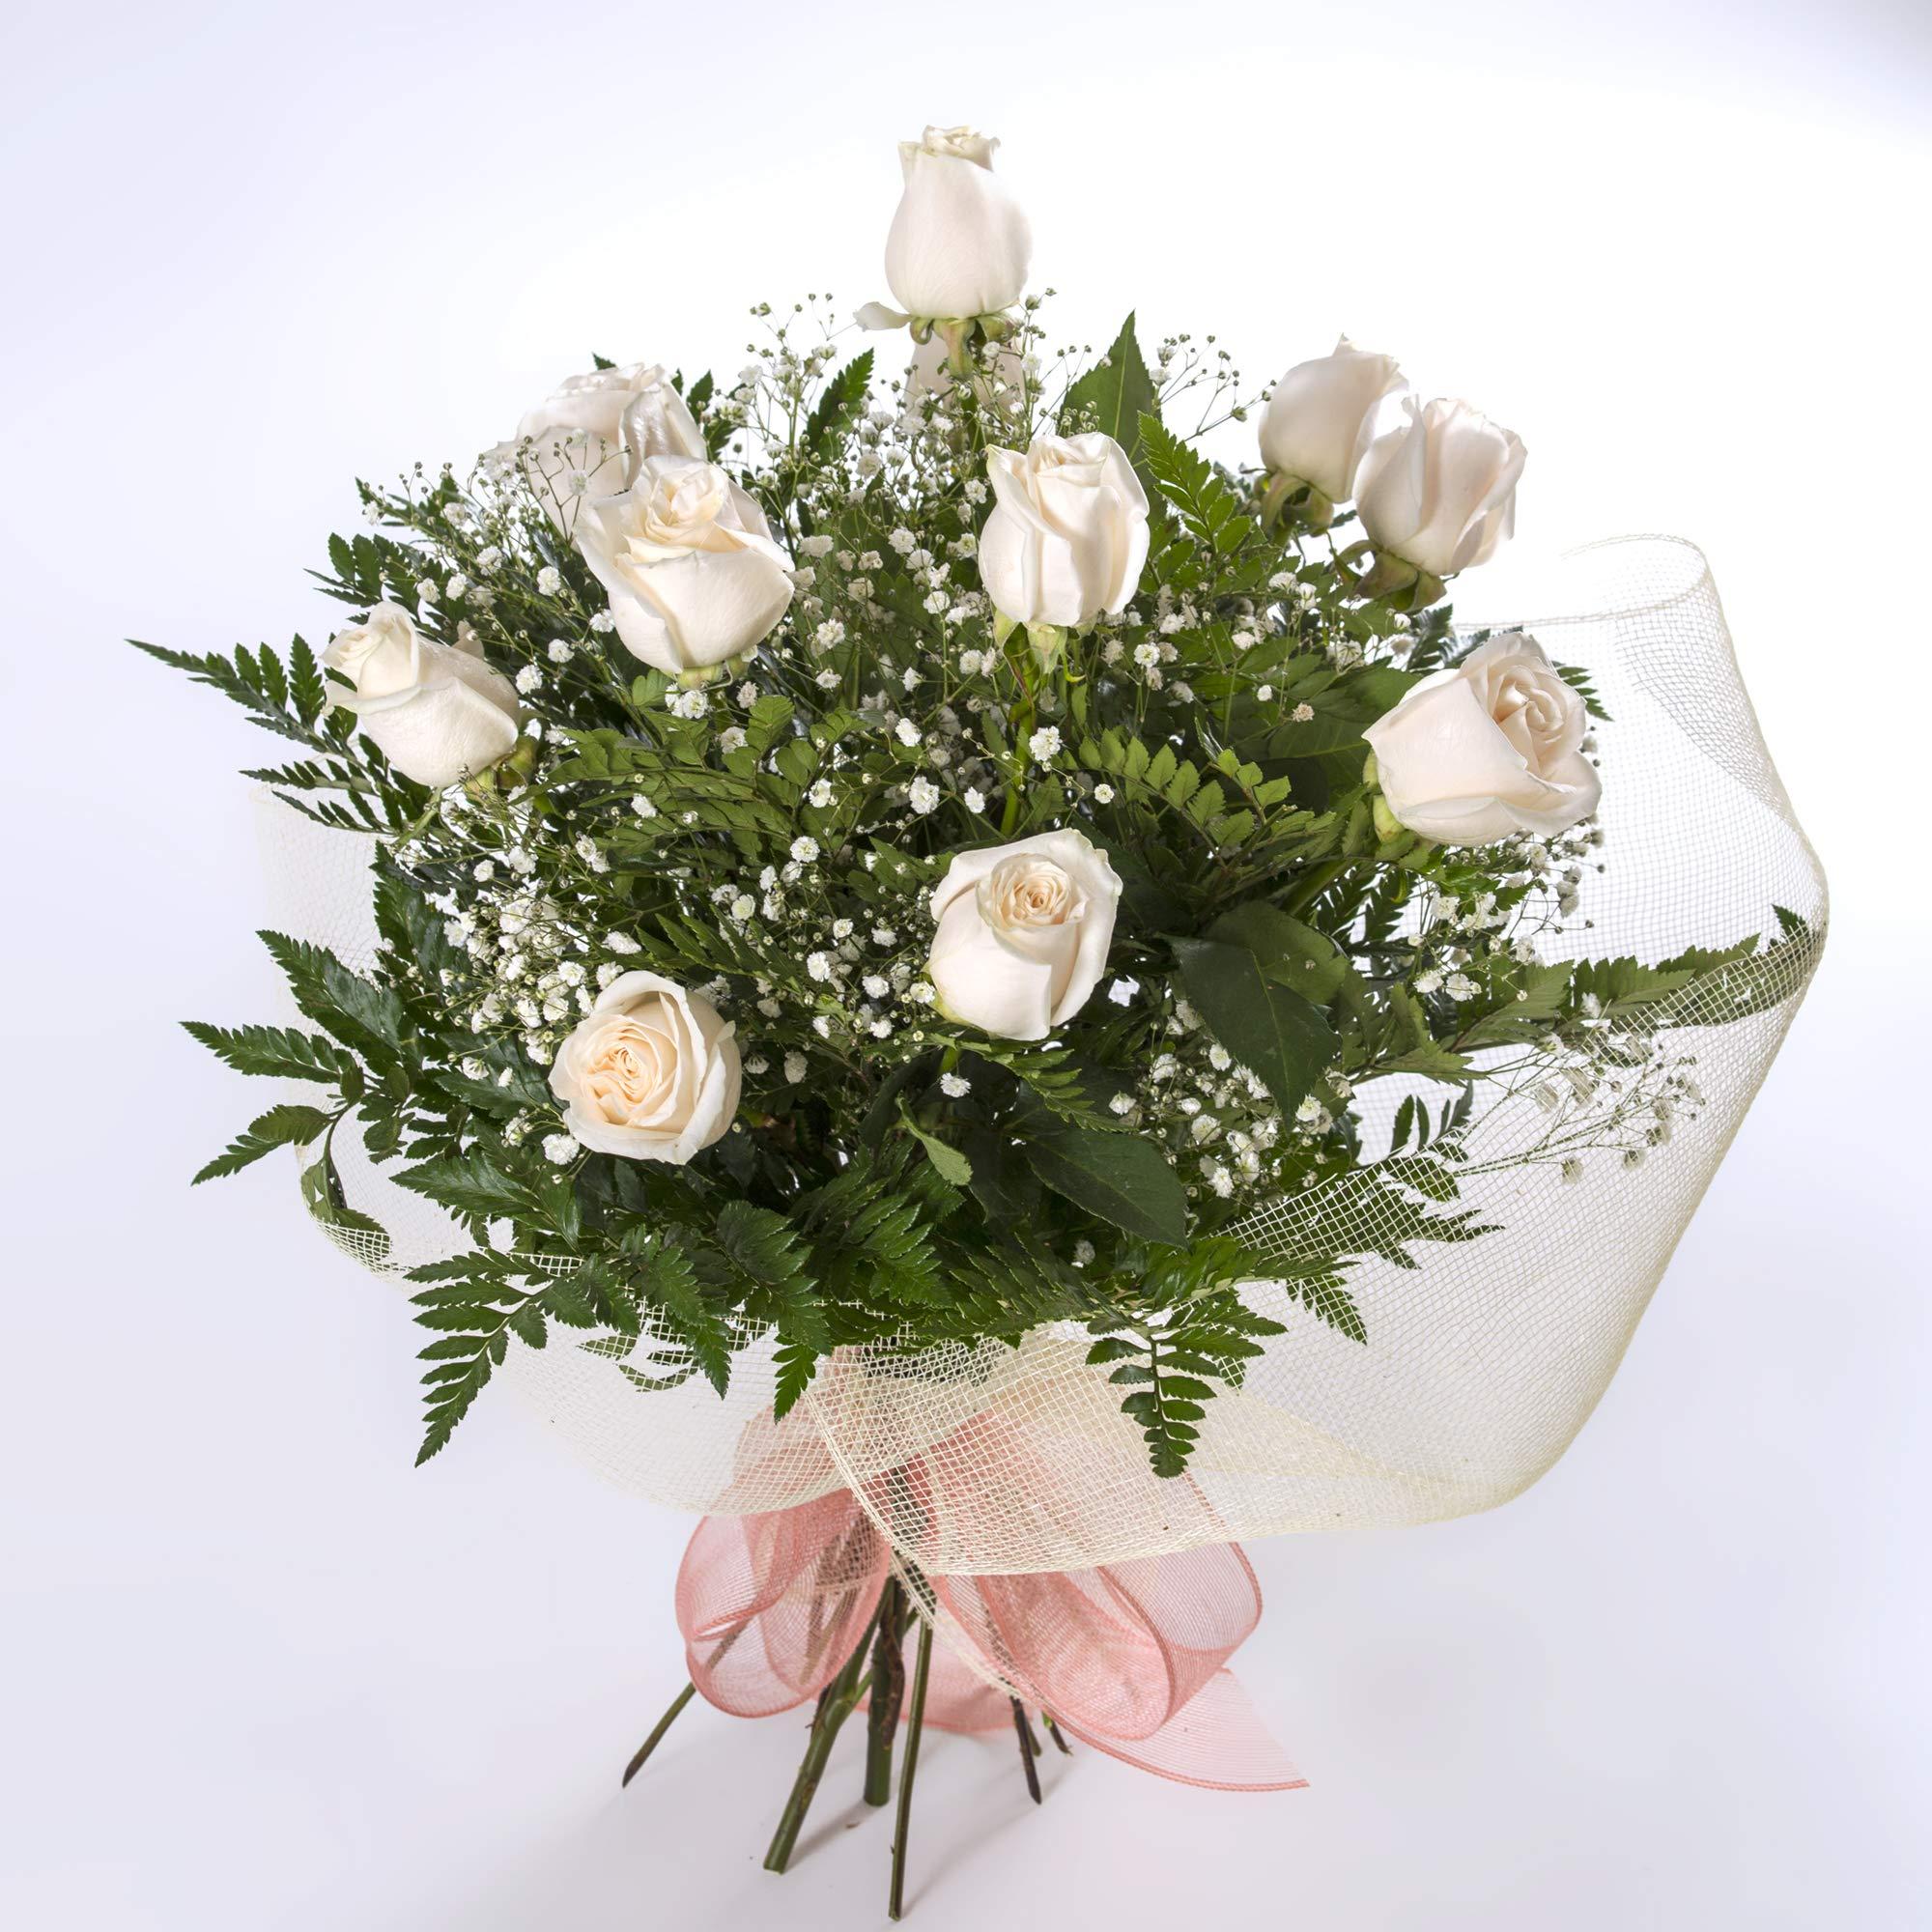 REGALAUNAFLOR-Ramo de 12 rosas blancas naturales-FLORES FRESCAS-ENTREGA EN 24 HORAS DE MARTES A SABADO.: Amazon.es: Jardín